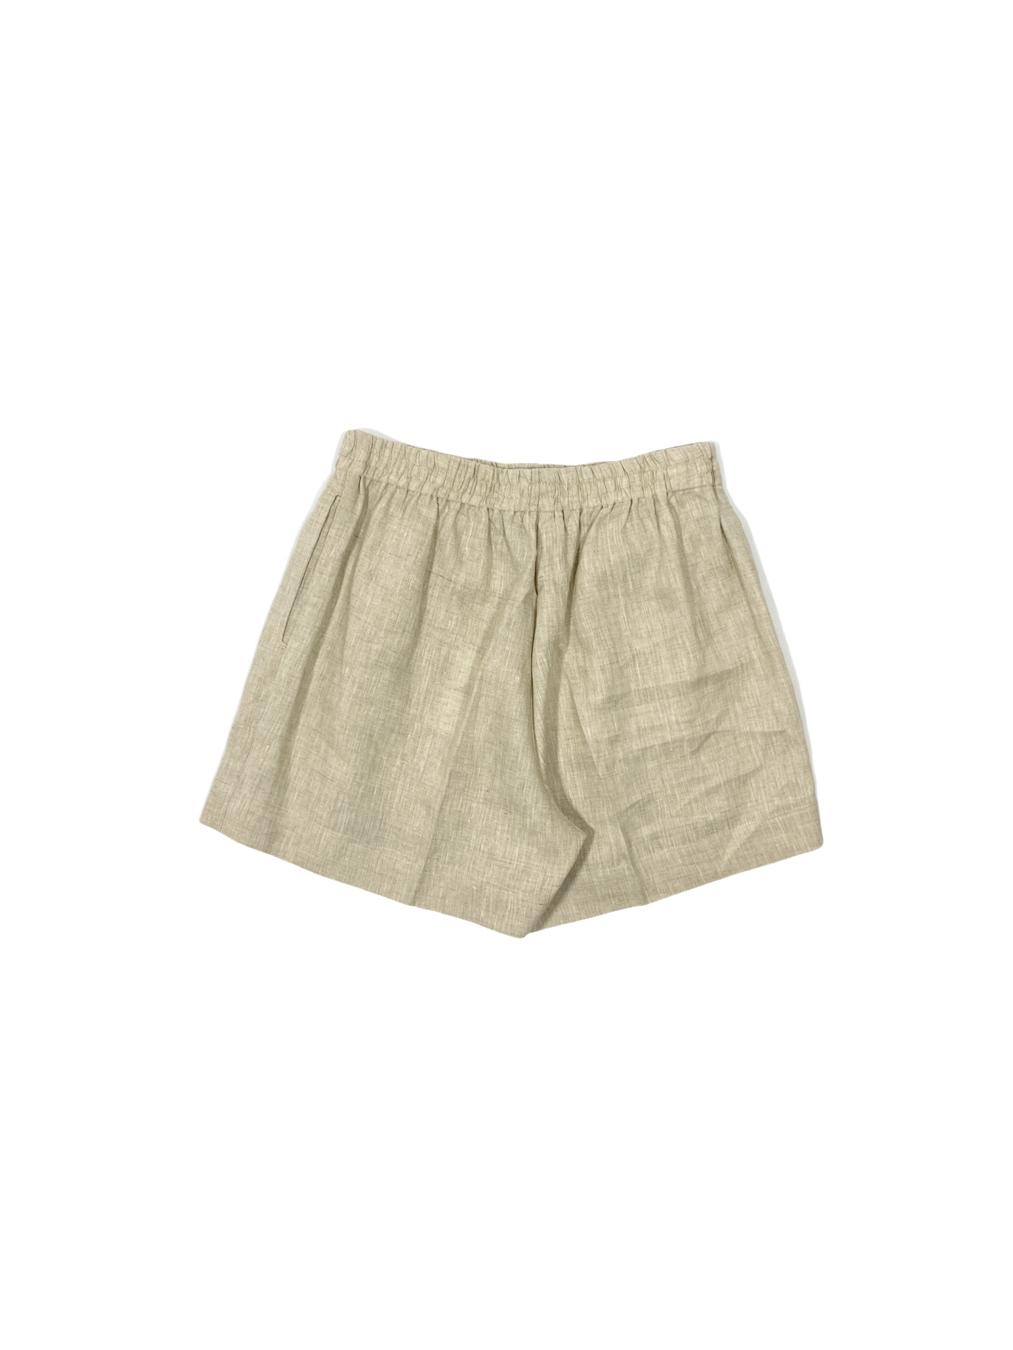 Linen Relaxed Shorts (Beige)